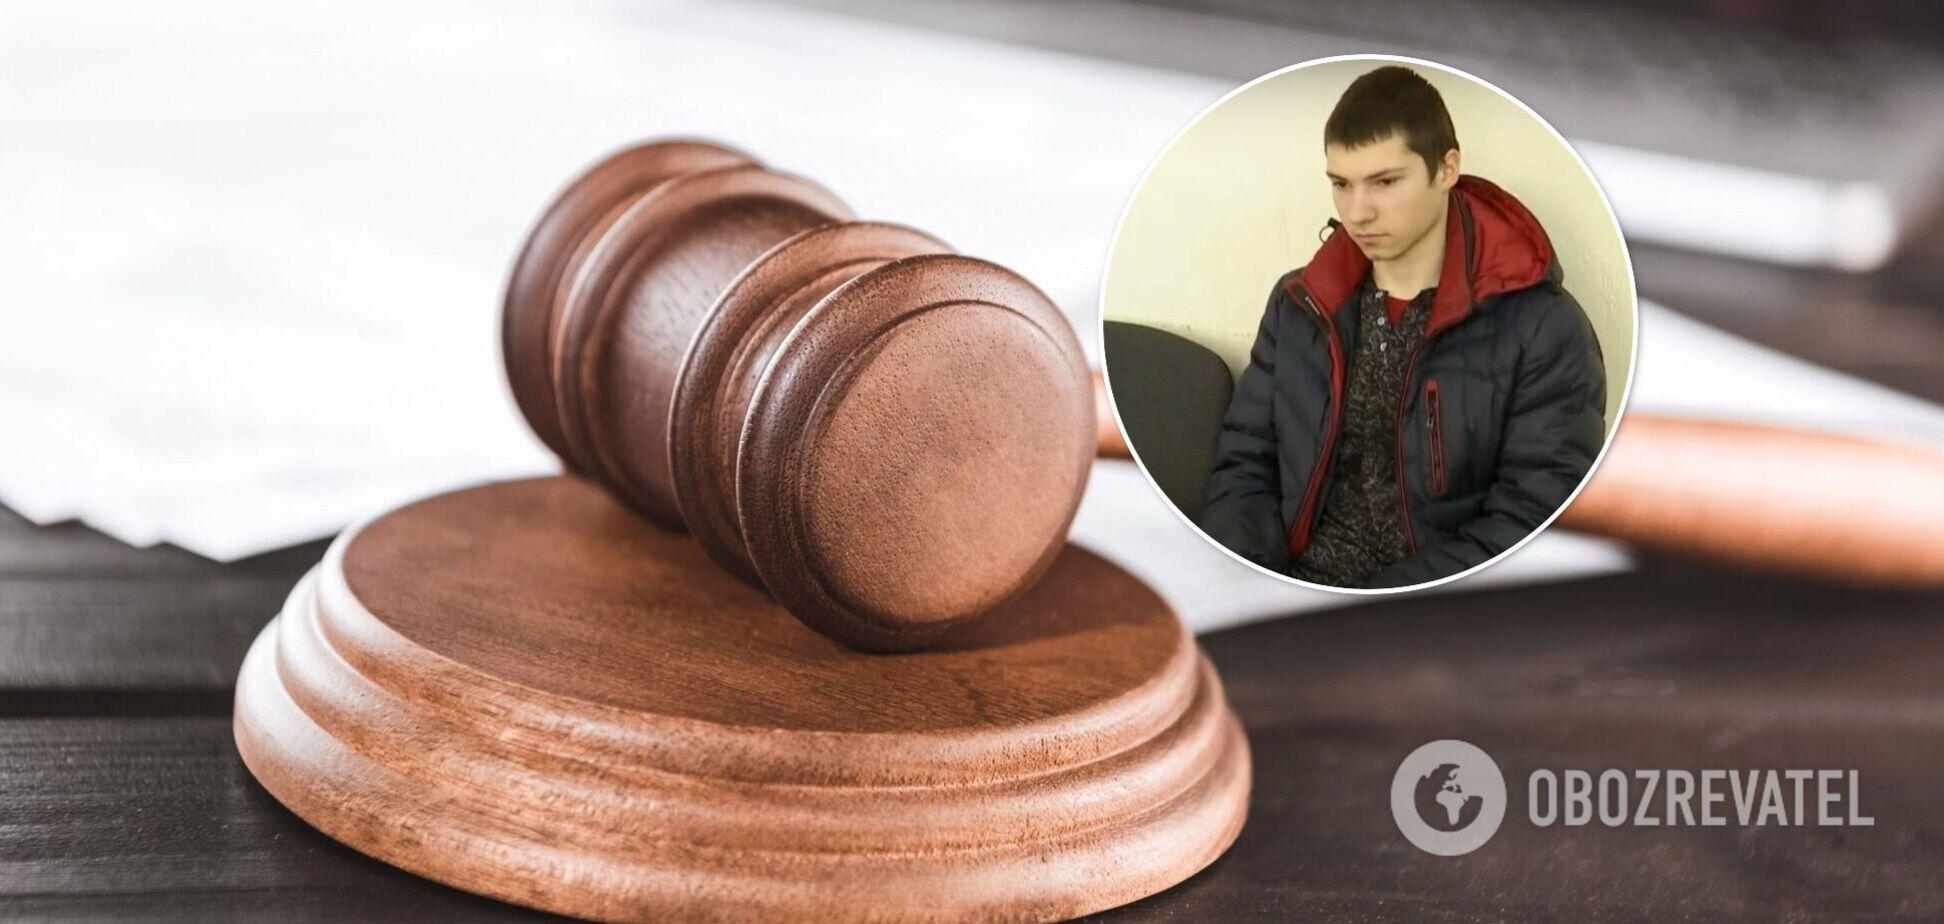 Вбивство дитини та чоловіка в Павлограді: жінка, що вижила, стала на захист засудженого школяра